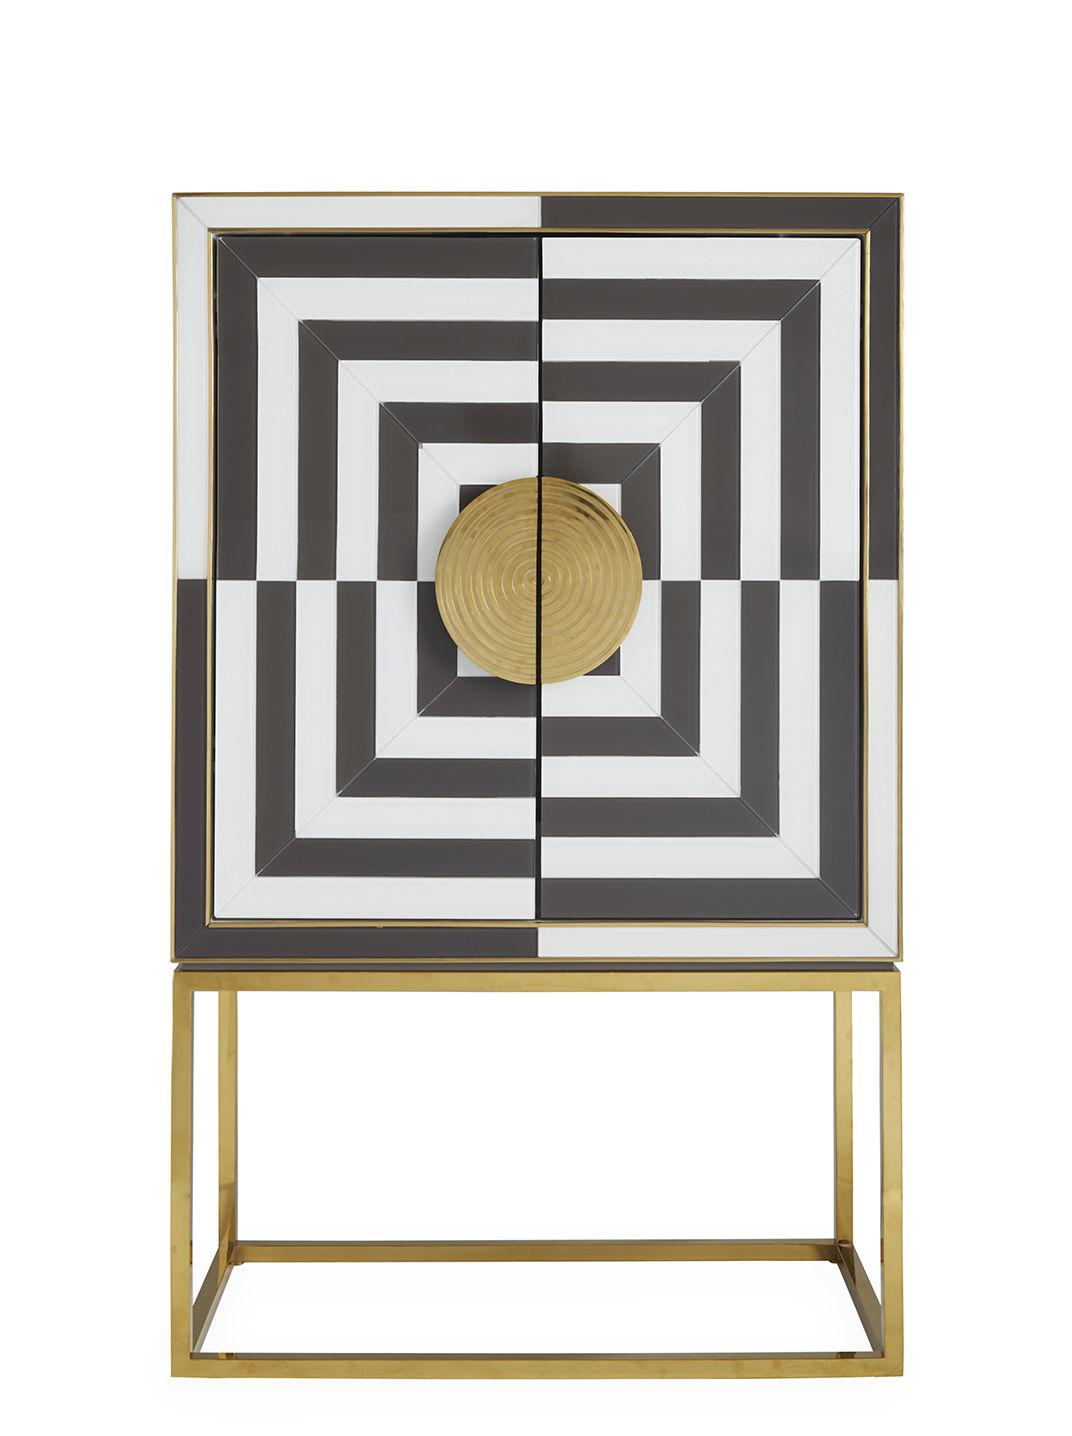 Möbel - Aufbewahrungsmöbel - Op Art Bar / Bar - Limitierte Ausgabe - Jonathan Adler - Kohlenschwarz & Elfenbeinweiß / Messing - Glas, lackiertes Holz, Laiton poli